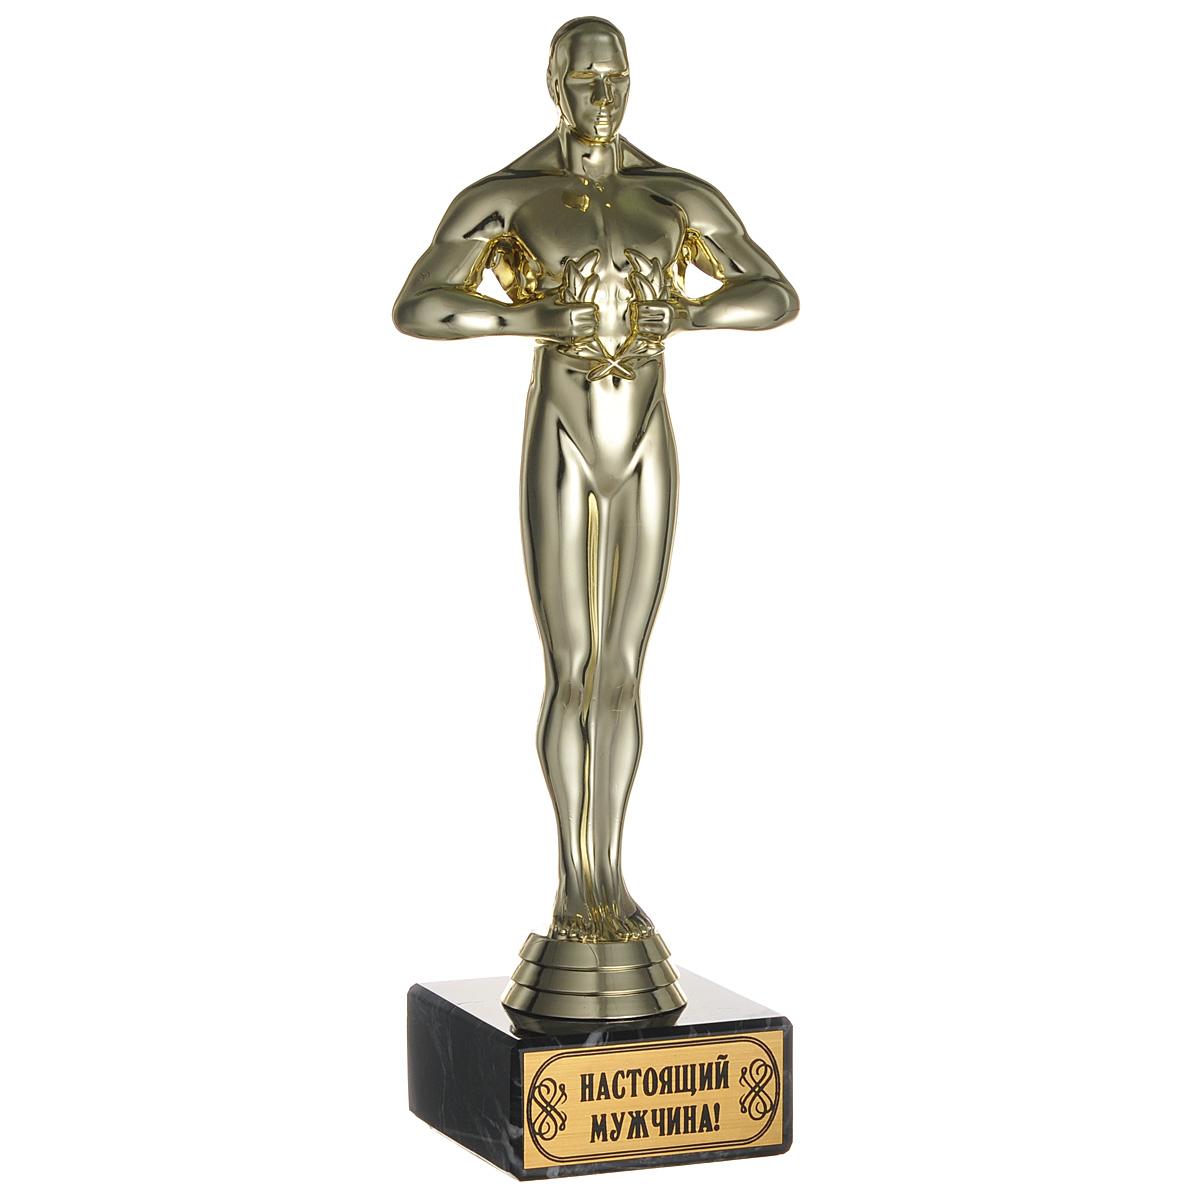 Кубок Оскар. Настоящий мужчина!, высота 24 см030520010Кубок Оскар. Настоящий мужчина! станет замечательным сувениром. Кубок выполнен из пластика с золотистым покрытием. Основание изготовлено из искусственного мрамора. Такой кубок обязательно порадует получателя, вызовет улыбку и массу положительных эмоций.